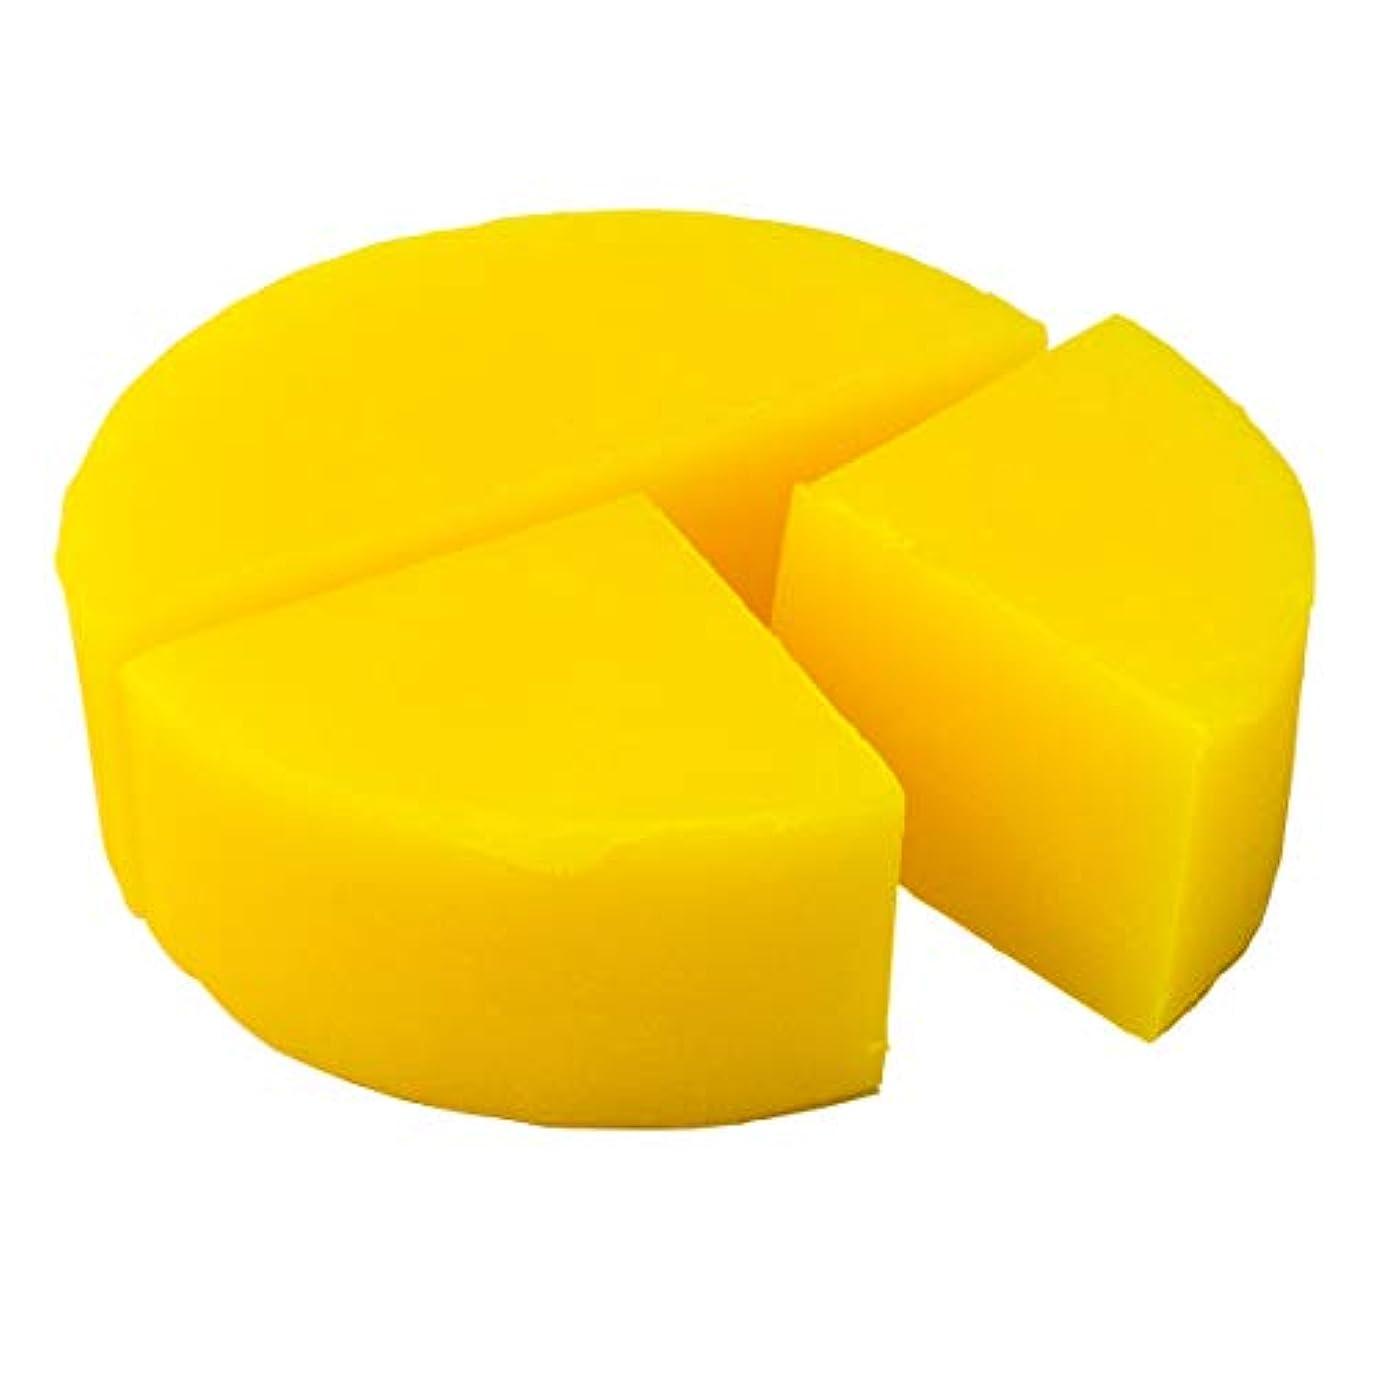 租界出発おかしいグリセリン クリアソープ 色チップ 黄 100g (MPソープ)